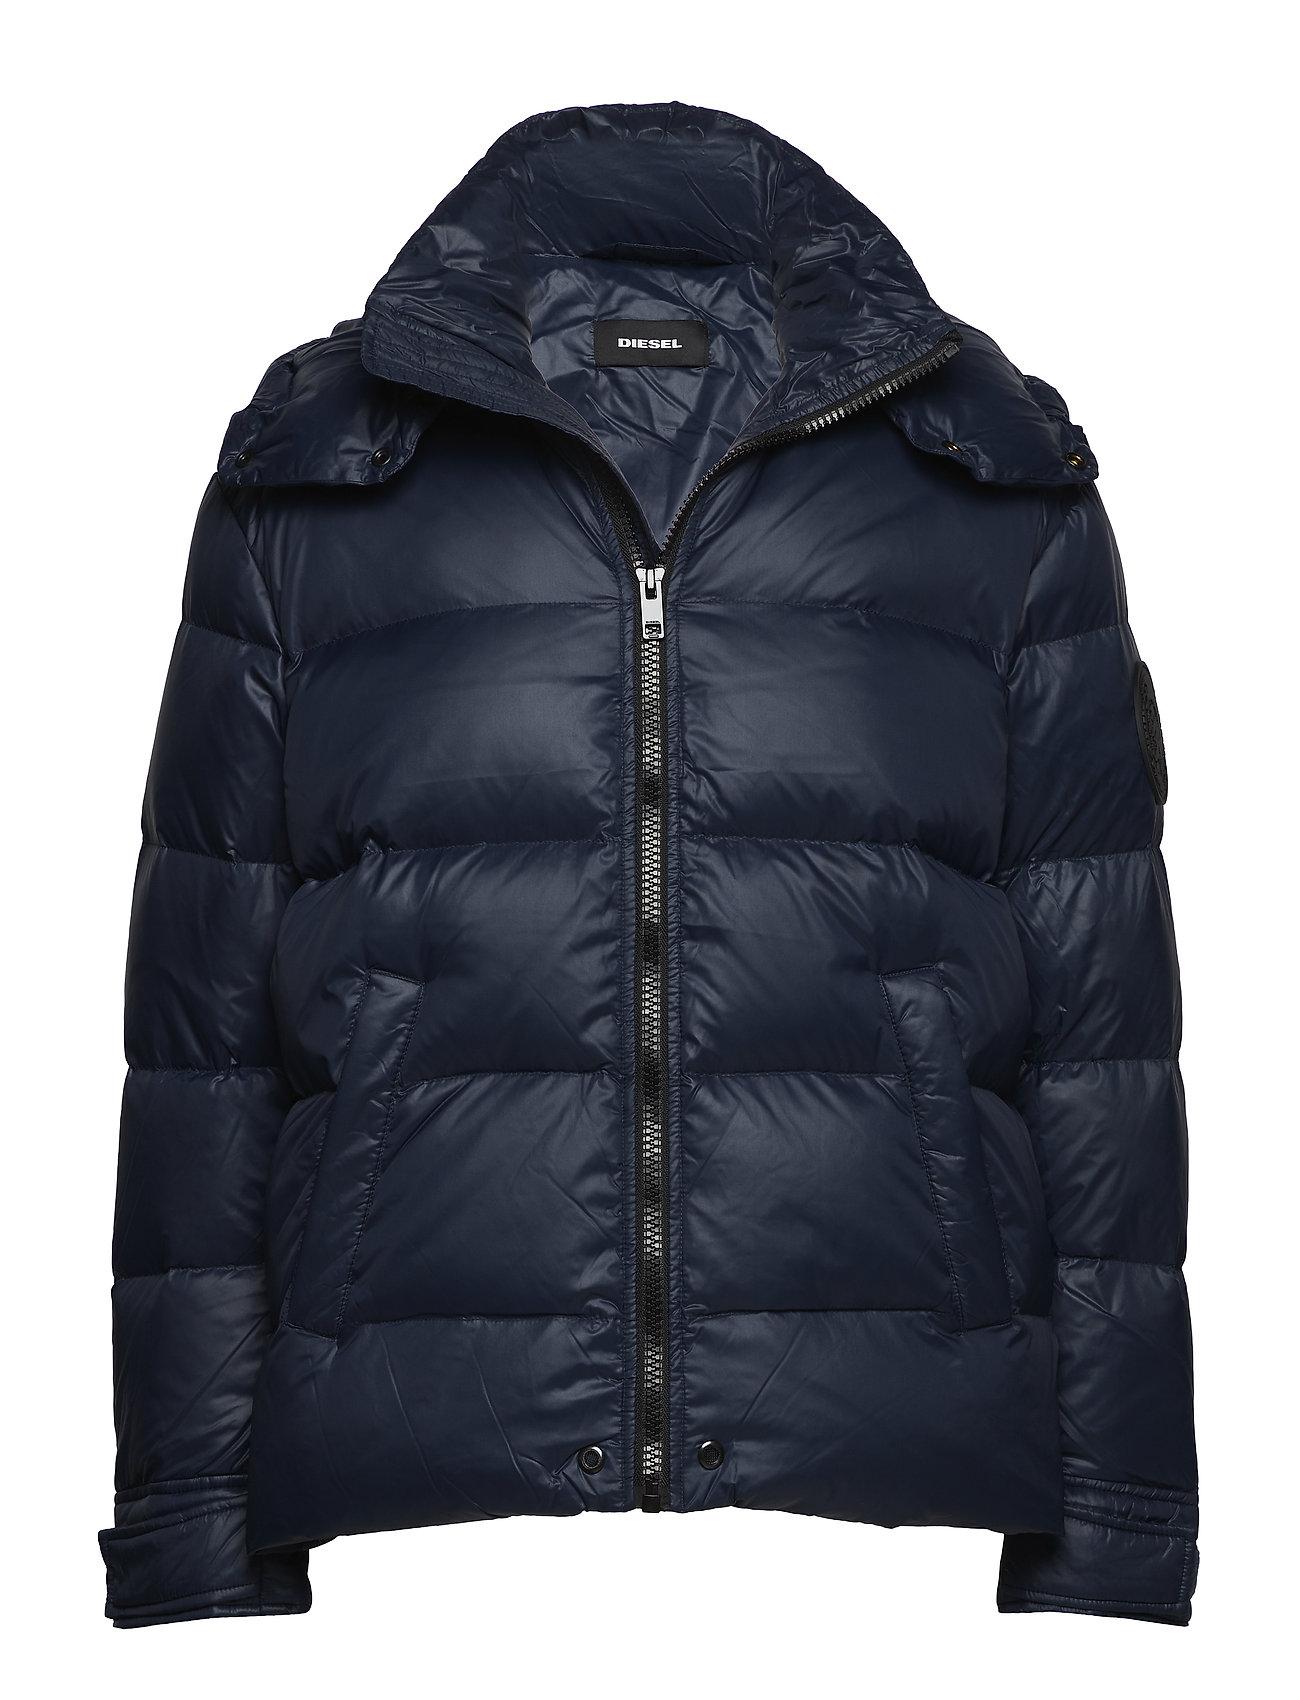 Image of W-Smith-A Jacket Foret Jakke Blå DIESEL MEN (3067491689)